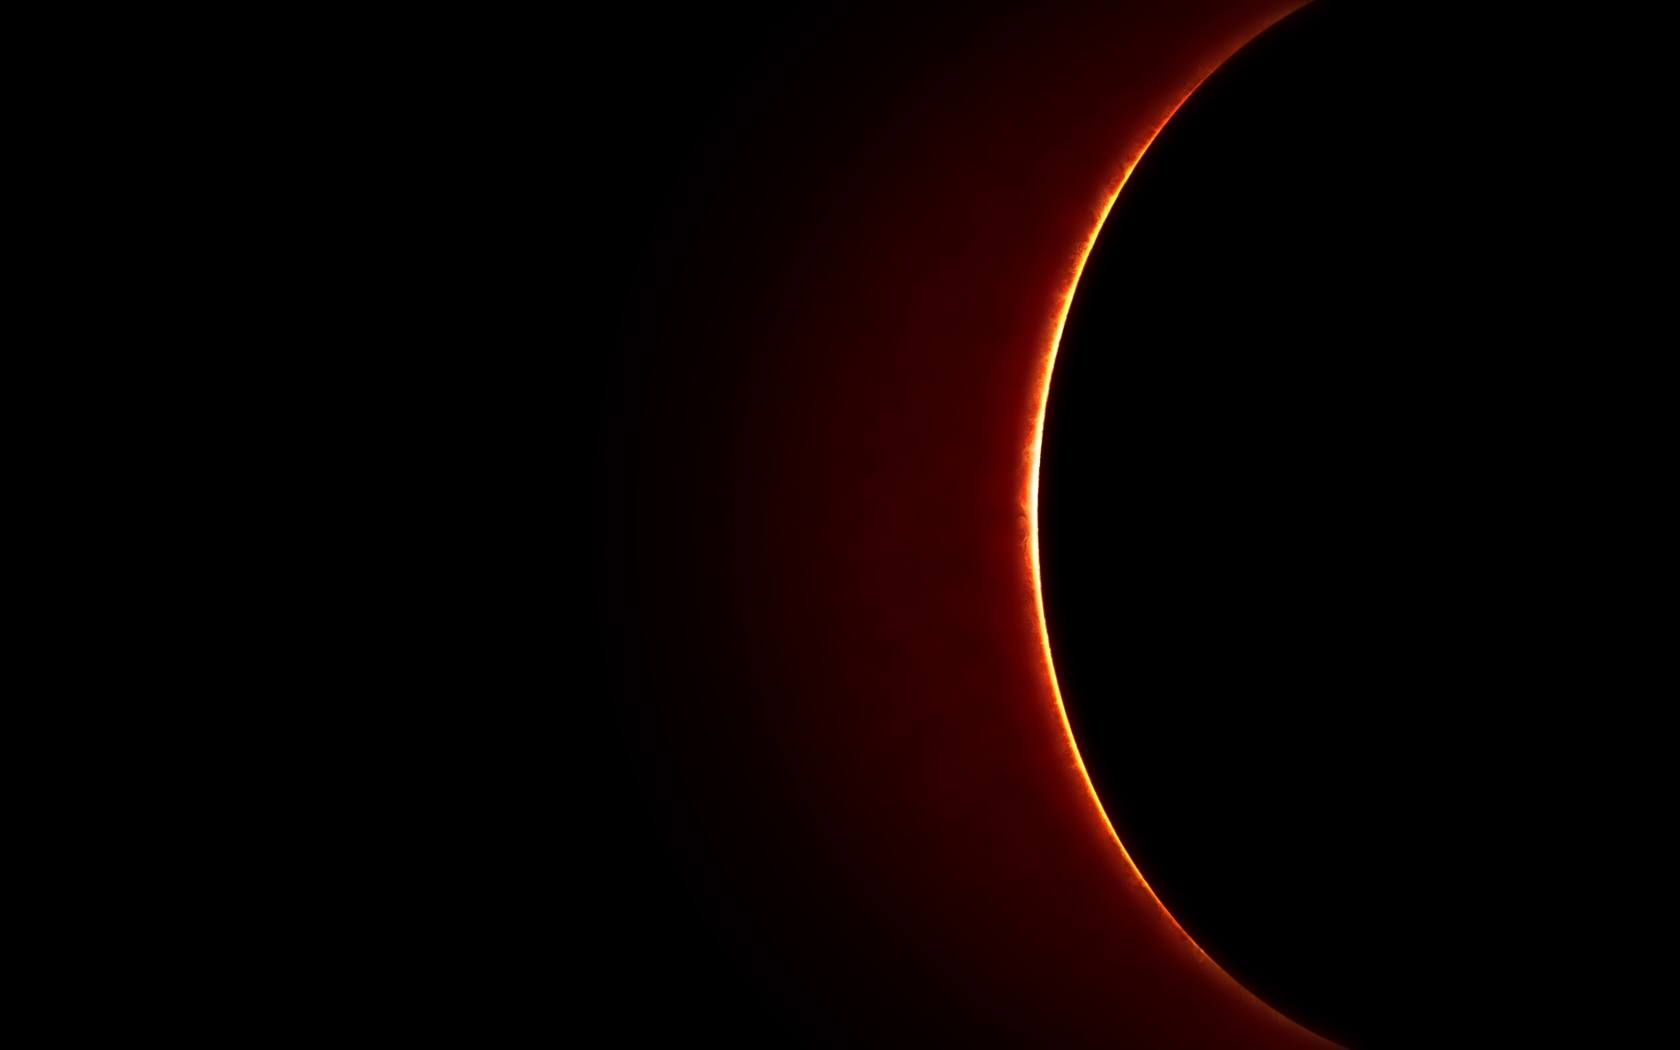 затмение, планеты, черное пространство, космос